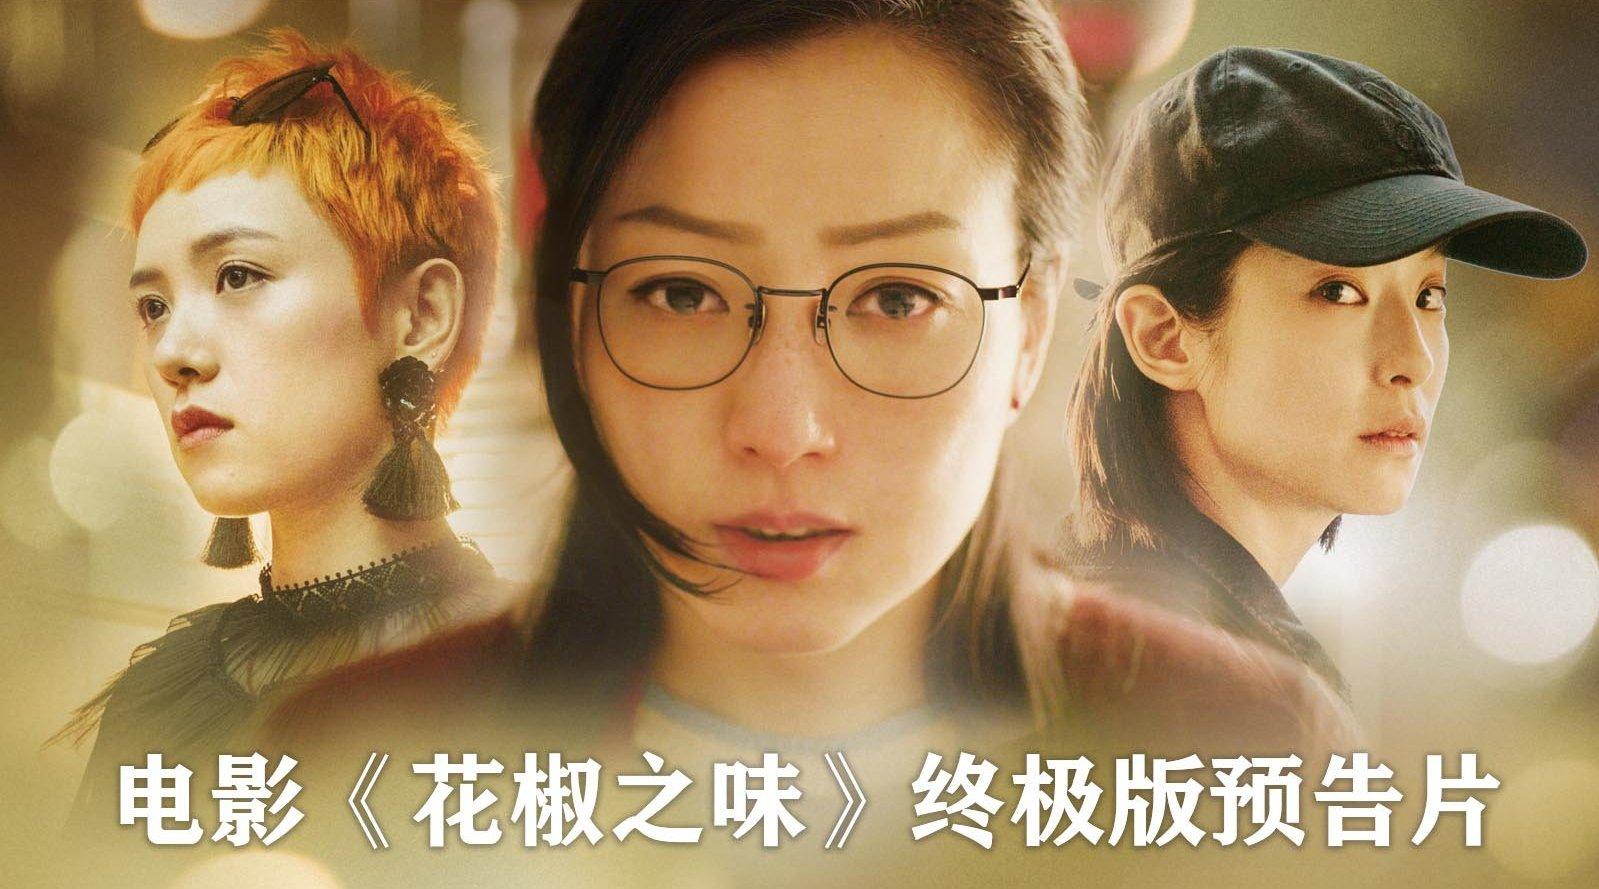 来自香港、台湾、大陆三地不同文化背景的三个女孩